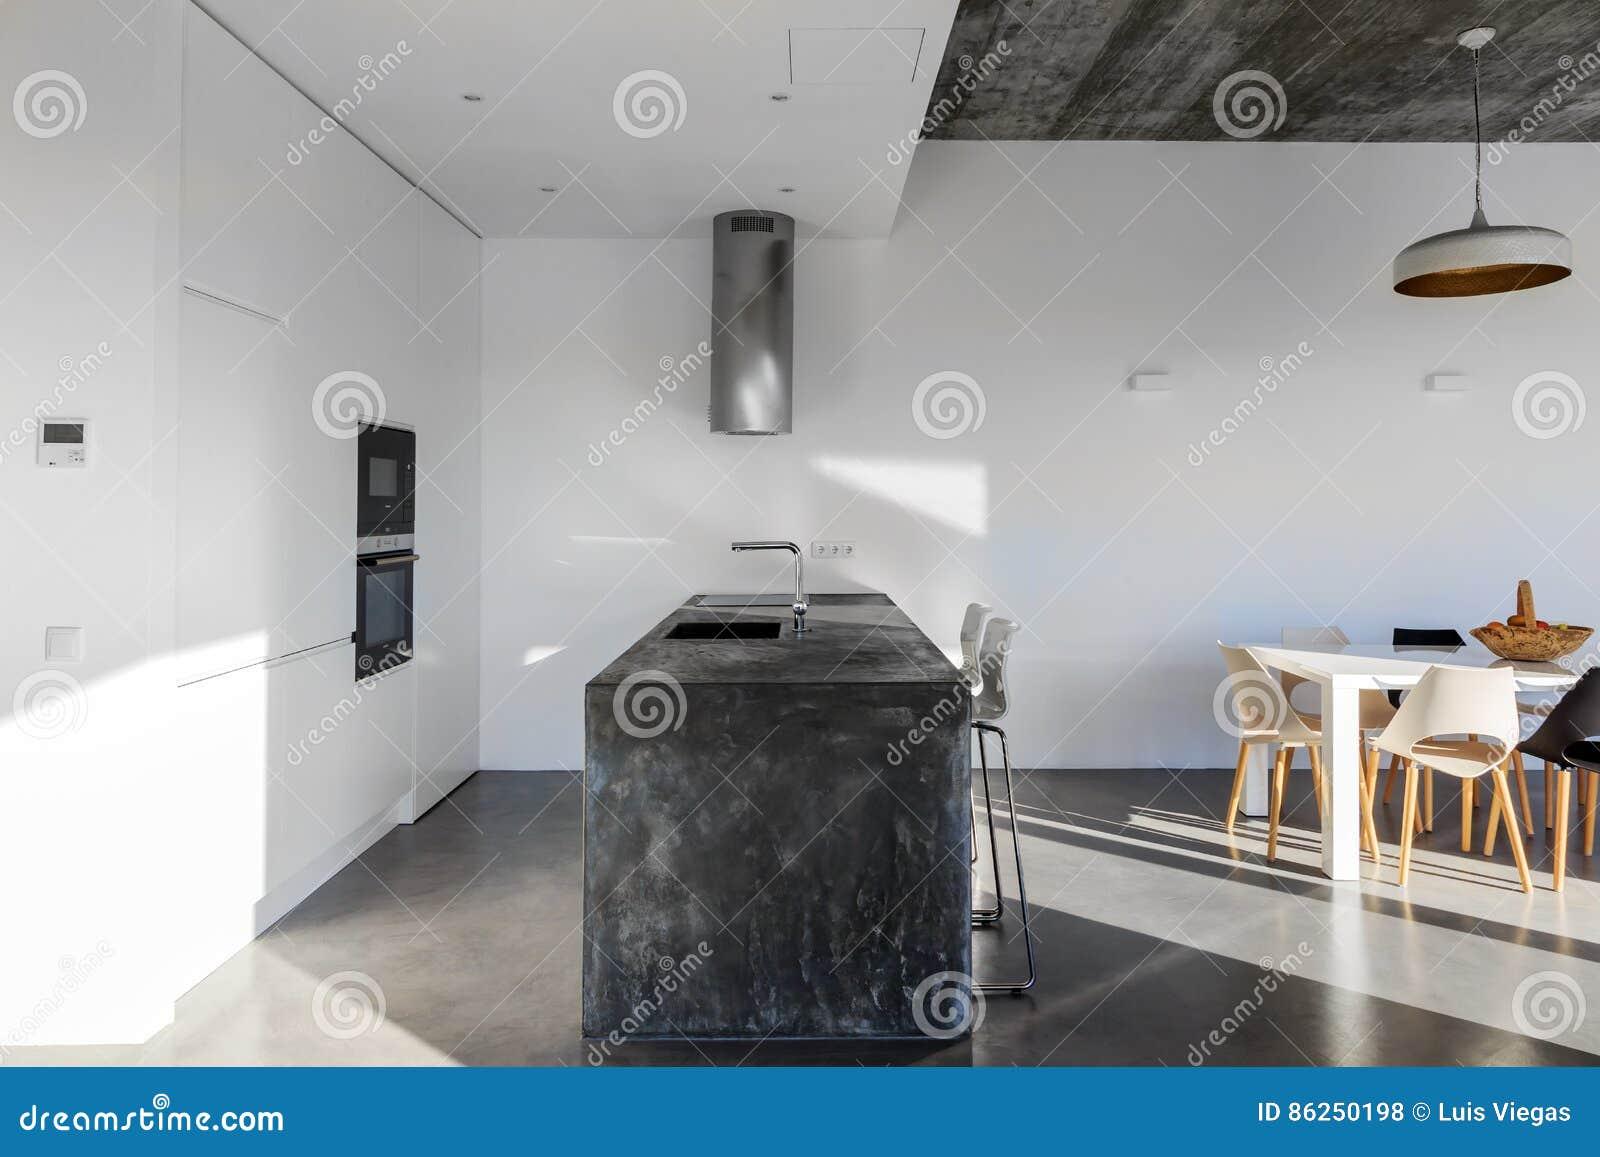 Großzügig Weißen Küchenschränke Mit Grauem Fliesenboden Bilder ...